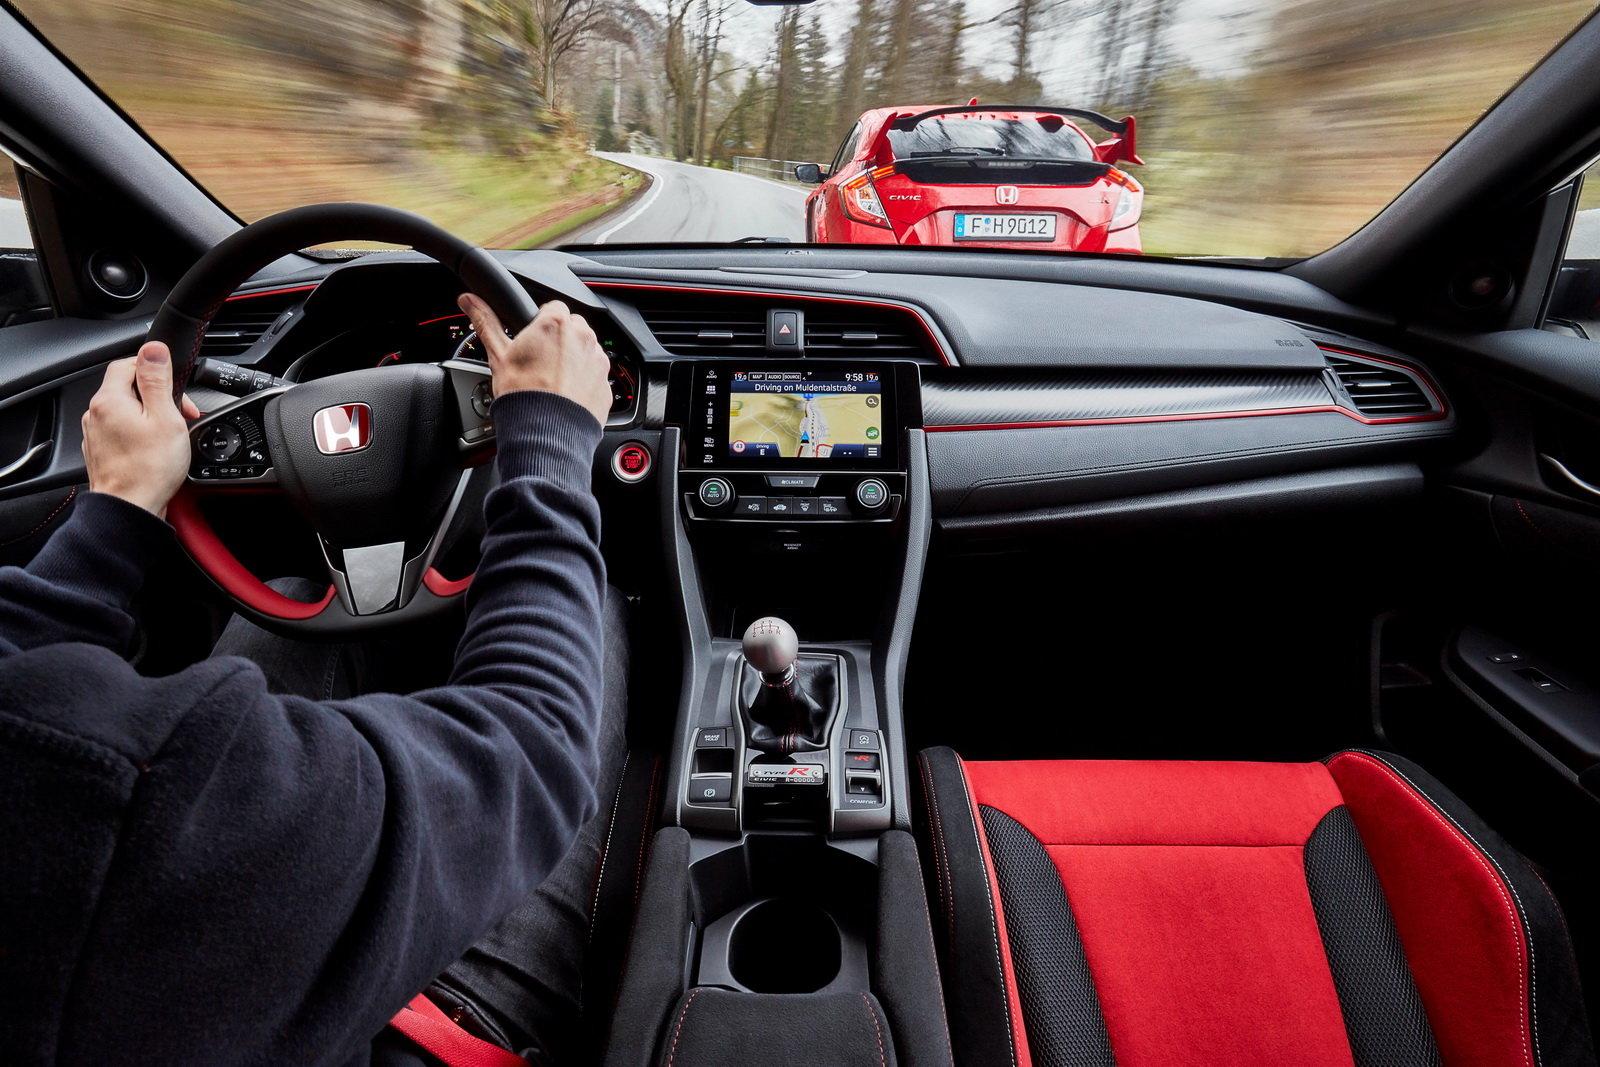 Fotografie č. 10 u článku Honda Civic Type R sbírá další vavříny 77b83573ec